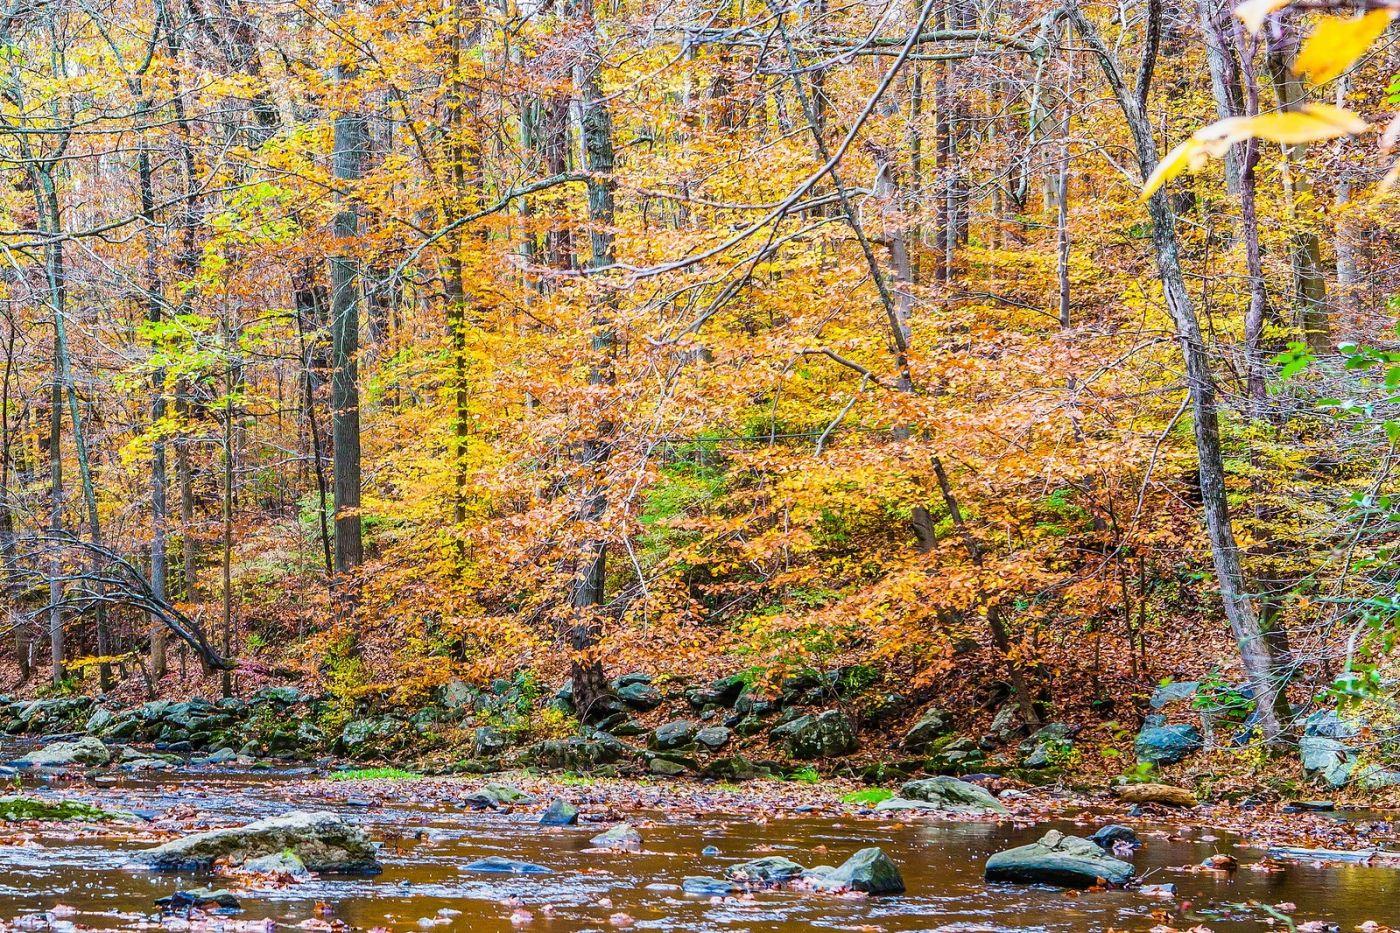 宾州雷德利克里克公园(Ridley creek park),迷人的秋色_图1-19